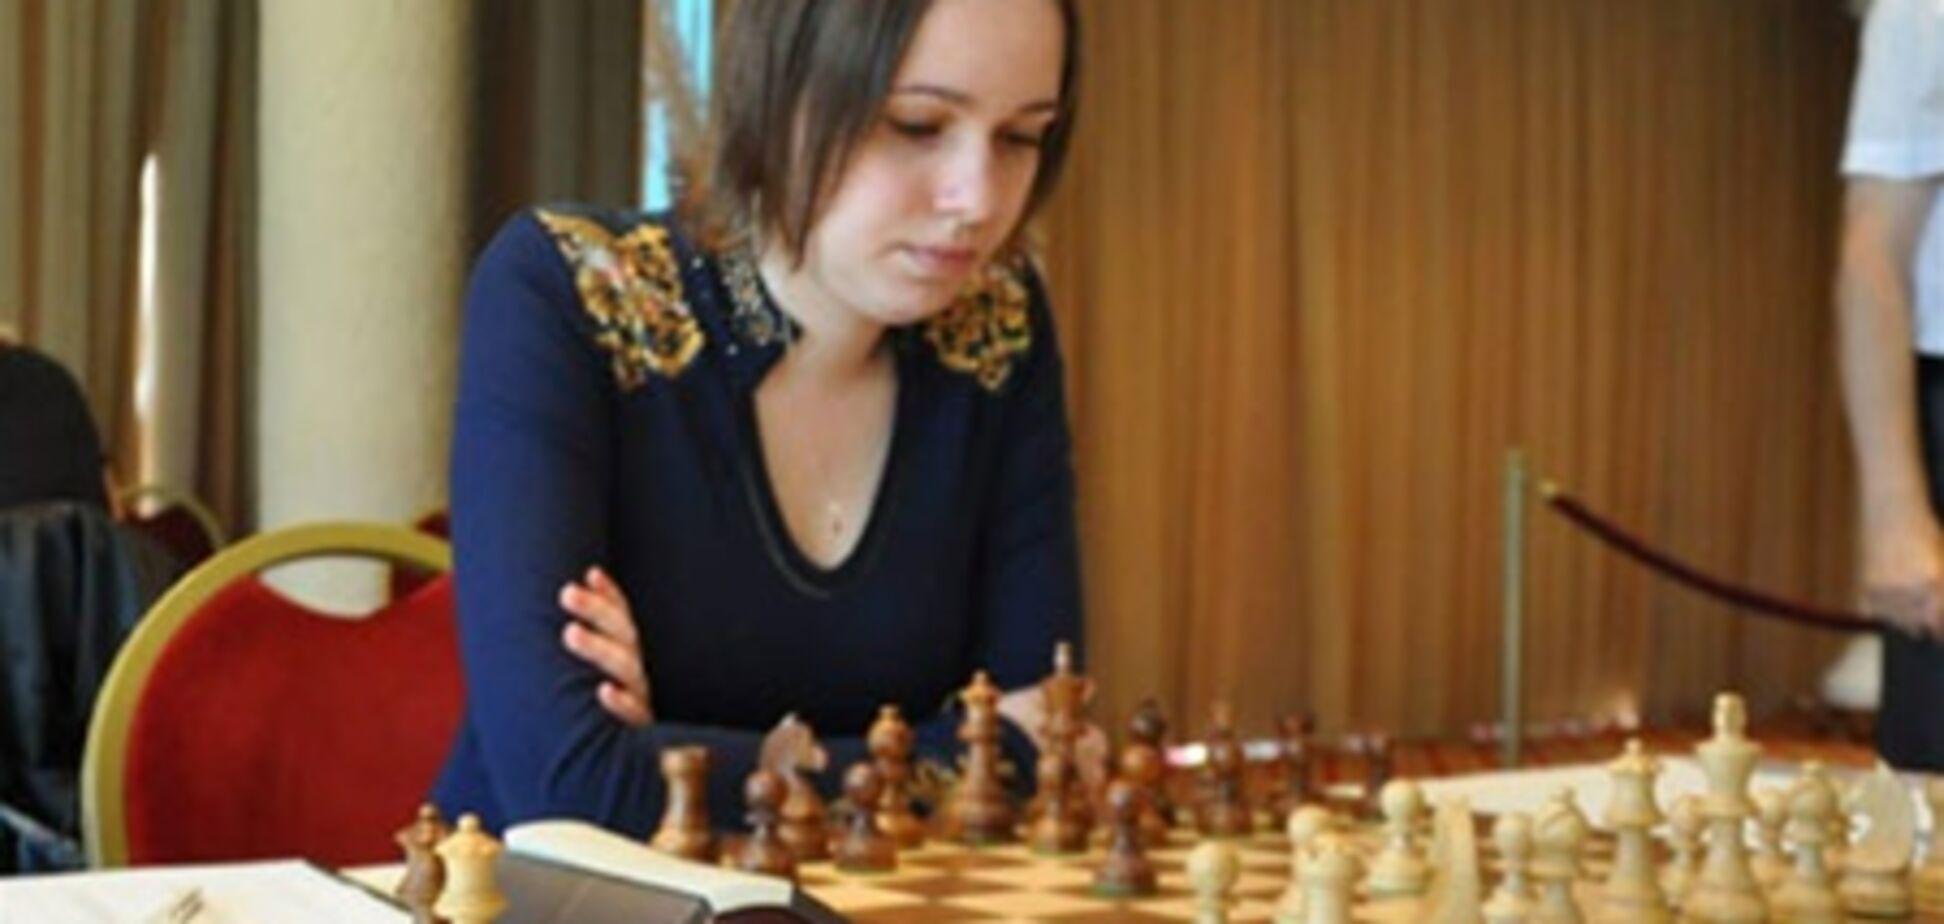 Чемпионка Украины по шахматам определилась досрочно